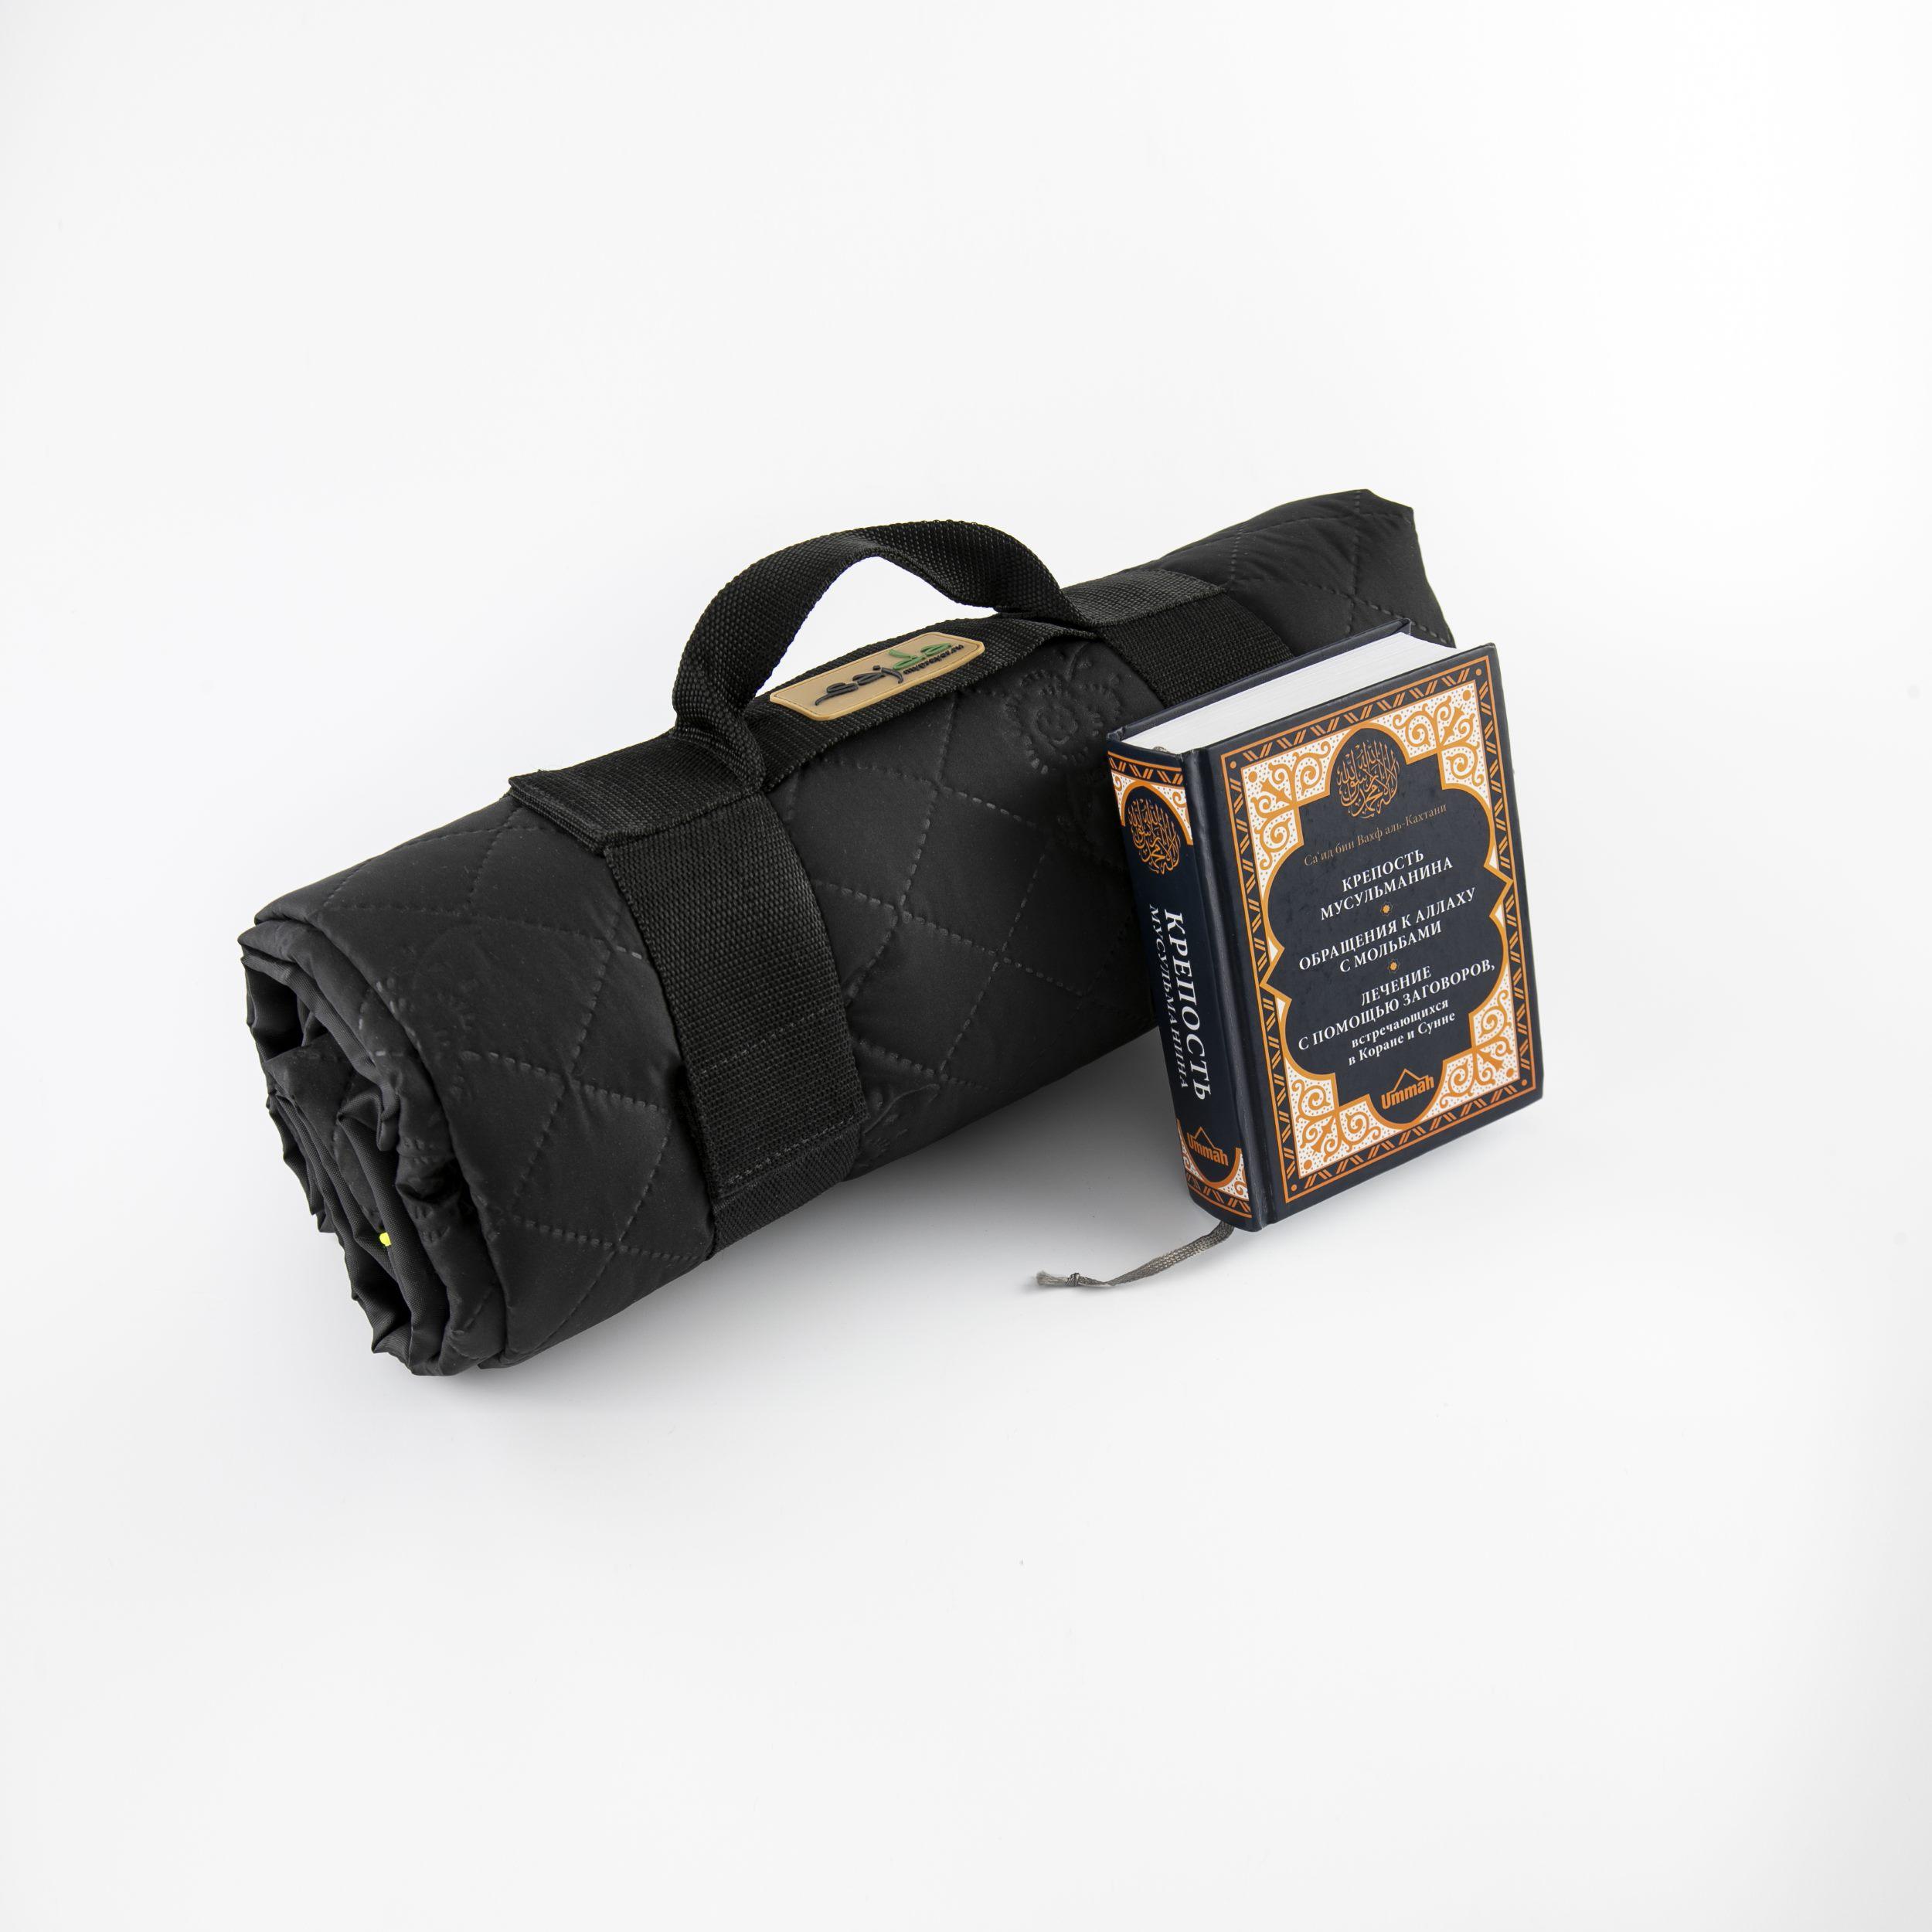 Двойной непромокаемый коврик для намаза черный трехслойный. Размер 145×125